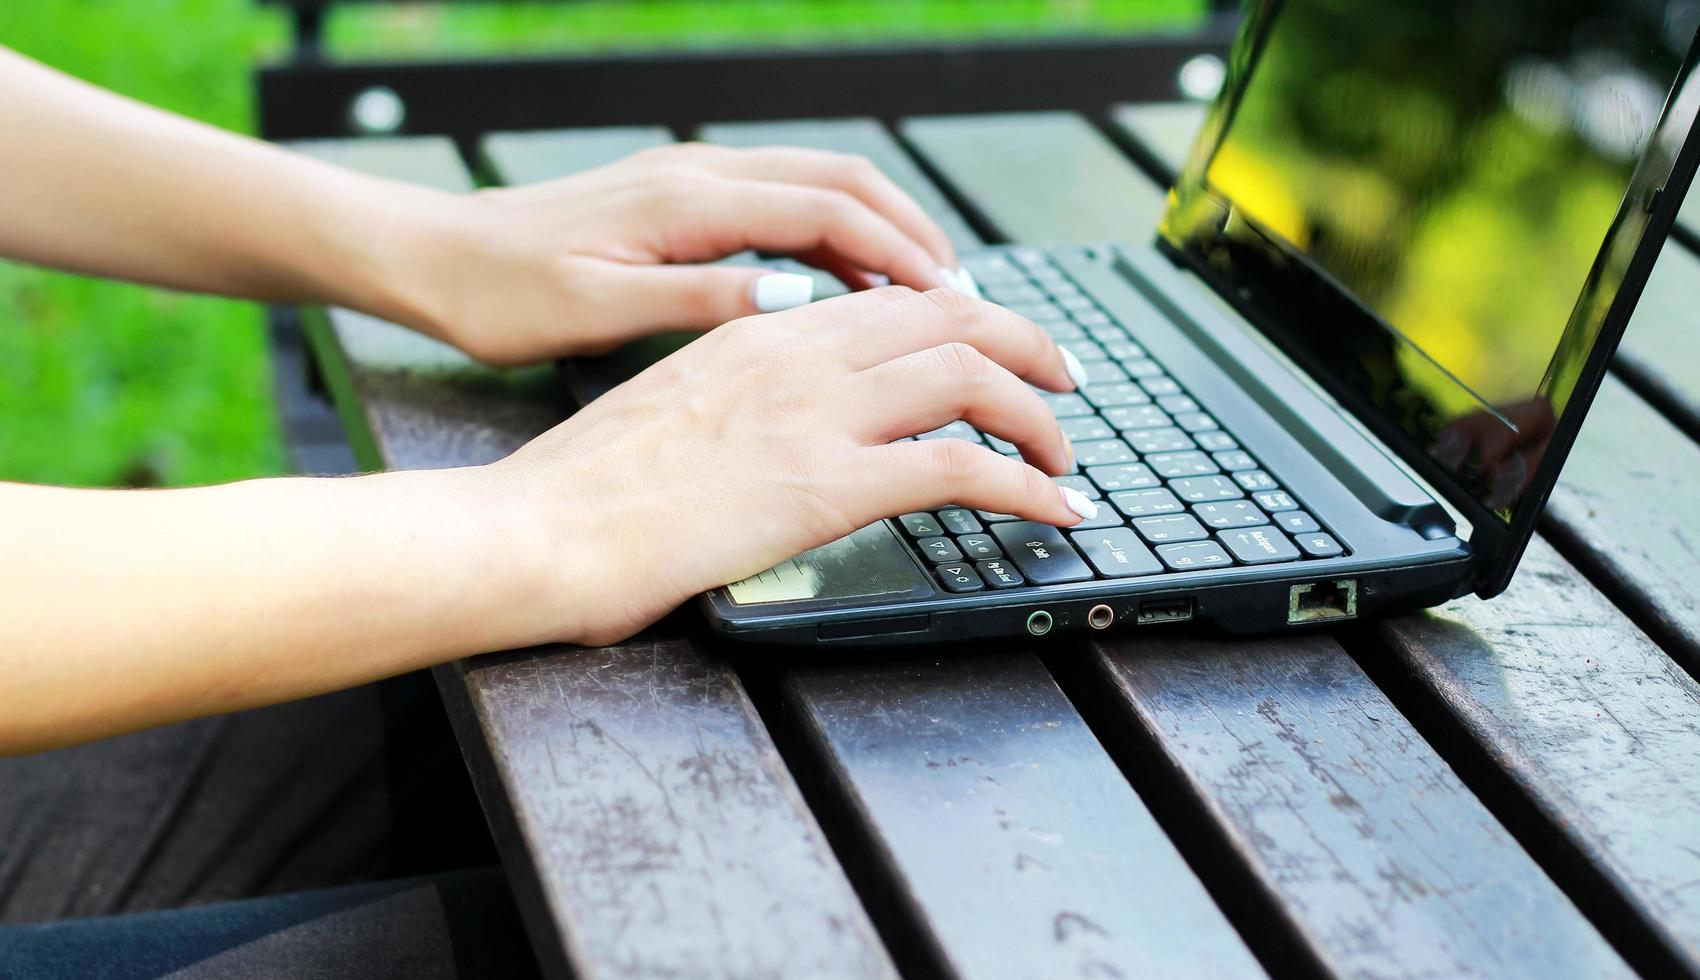 Hände arbeiten mit Laptop foto